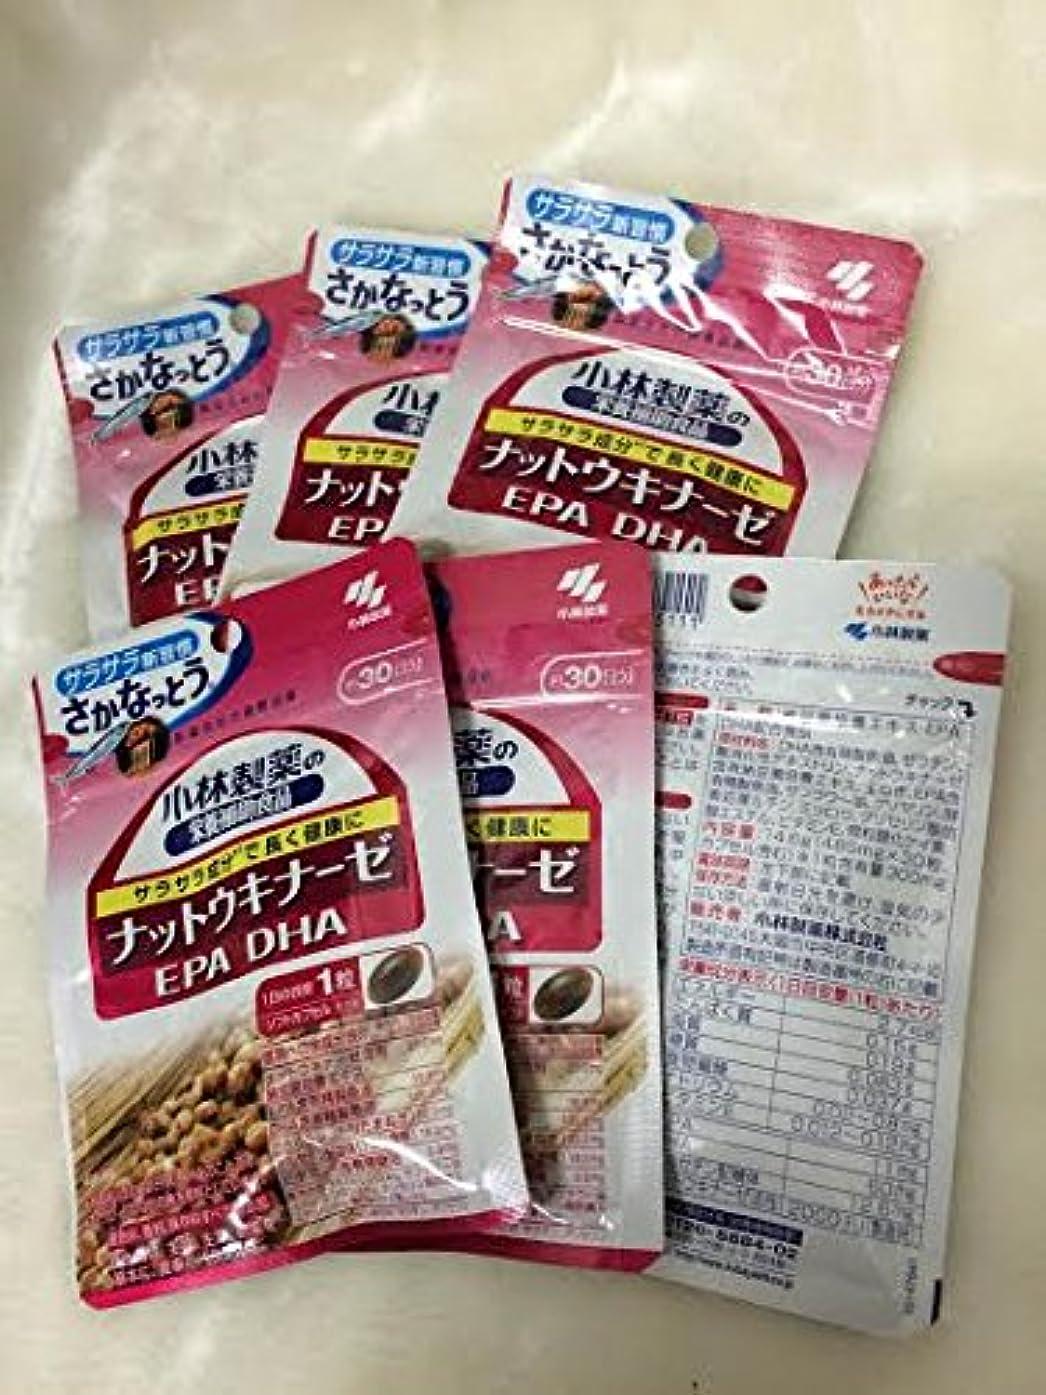 パリティシリンダー認可小林製薬の栄養補助食品 ナットウキナーゼ?DHA?EPA 30粒(約30日分) 6セット